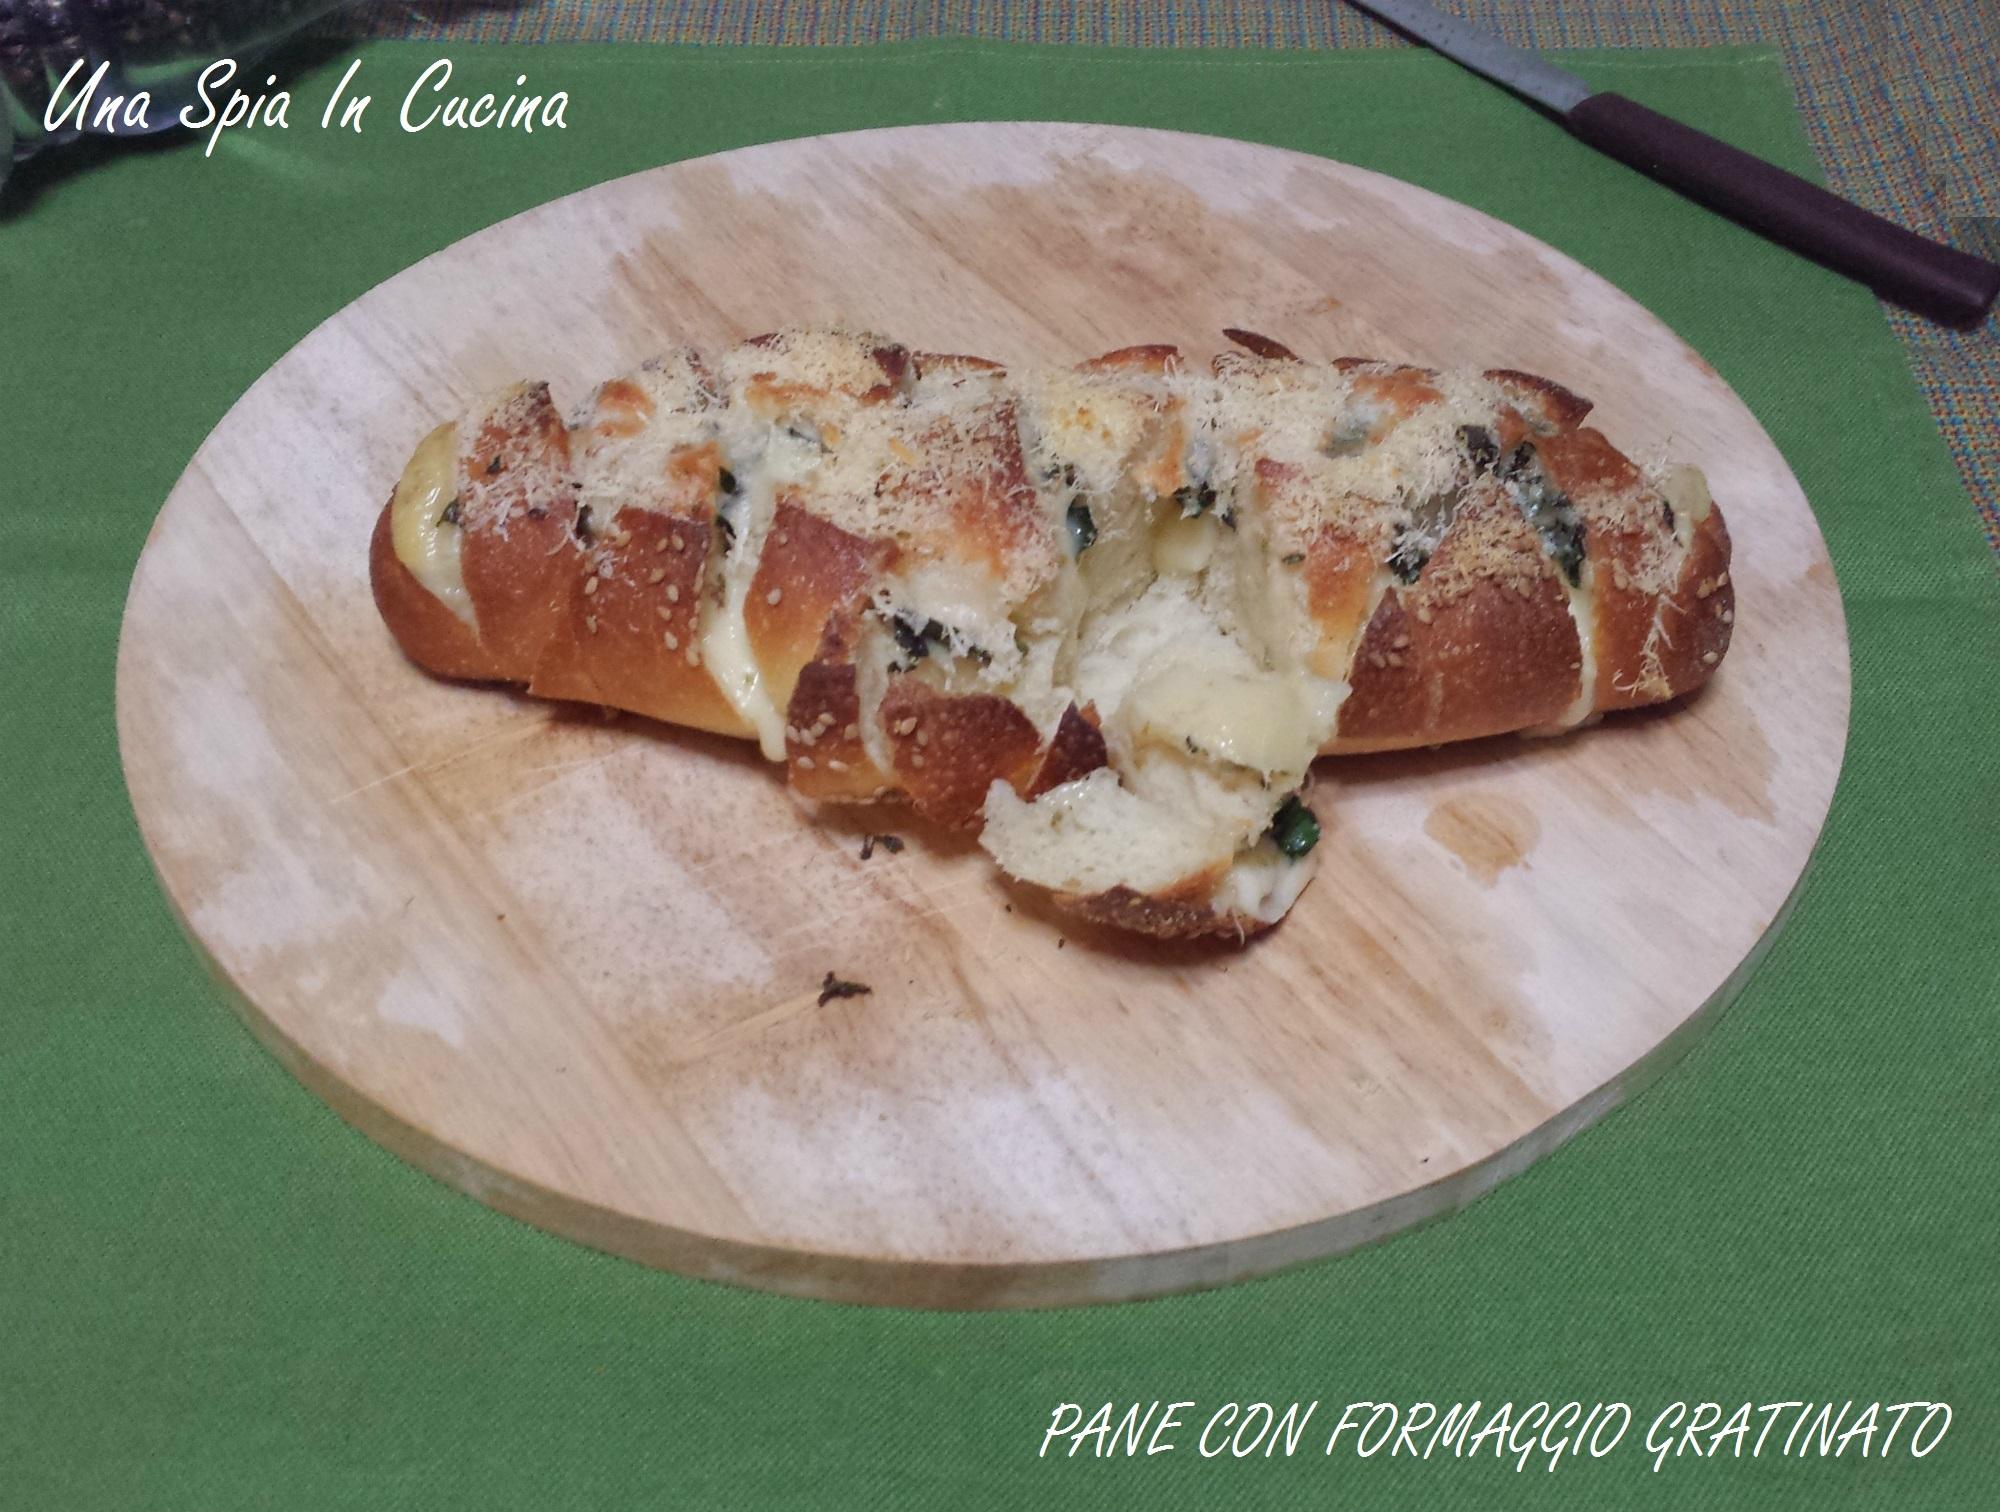 Pane con formaggio gratinato